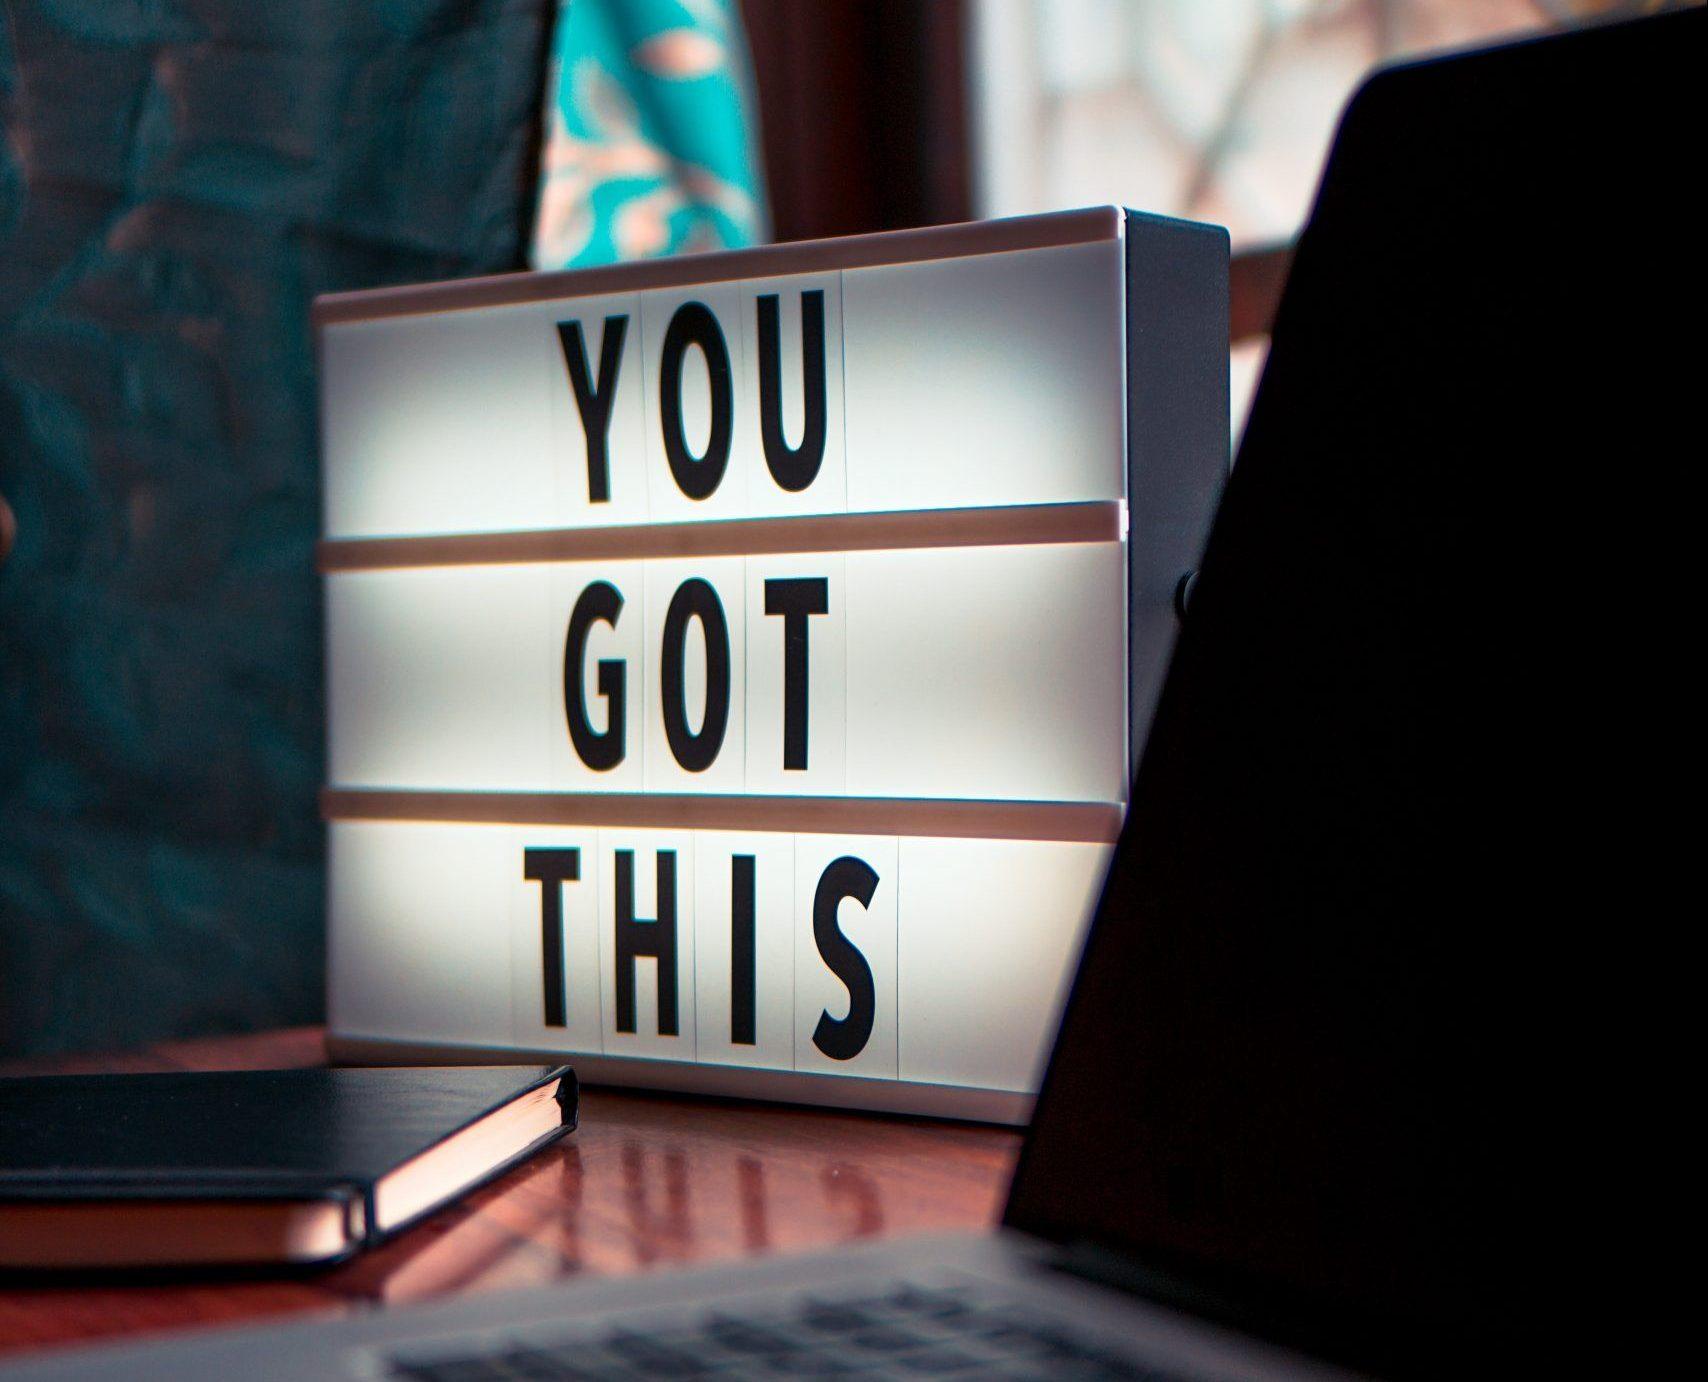 Onko motivaatio kateissa? Näillä 5 vinkillä löydät sen